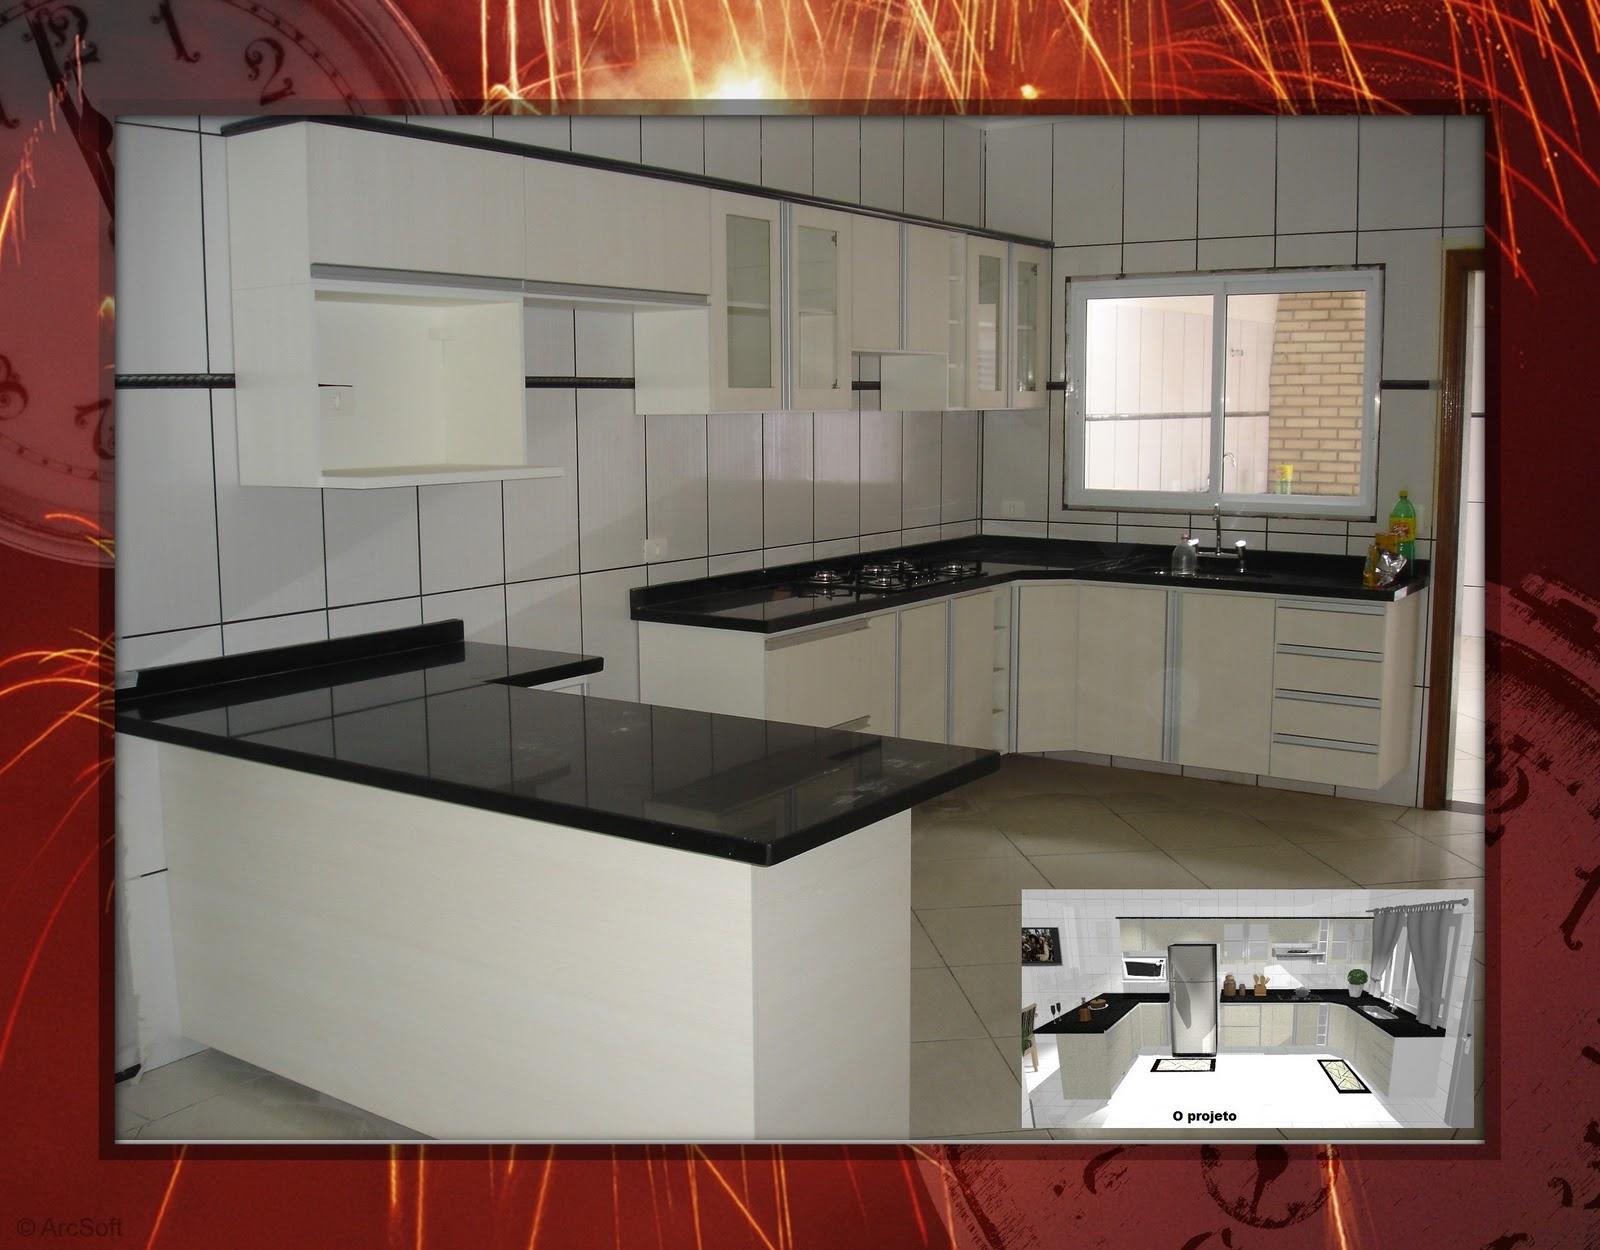 #A94122 Criart Móveis e Design de Interiores: Cozinha Estrelato 1600x1250 px Cozinha Design De Interiores_443 Imagens